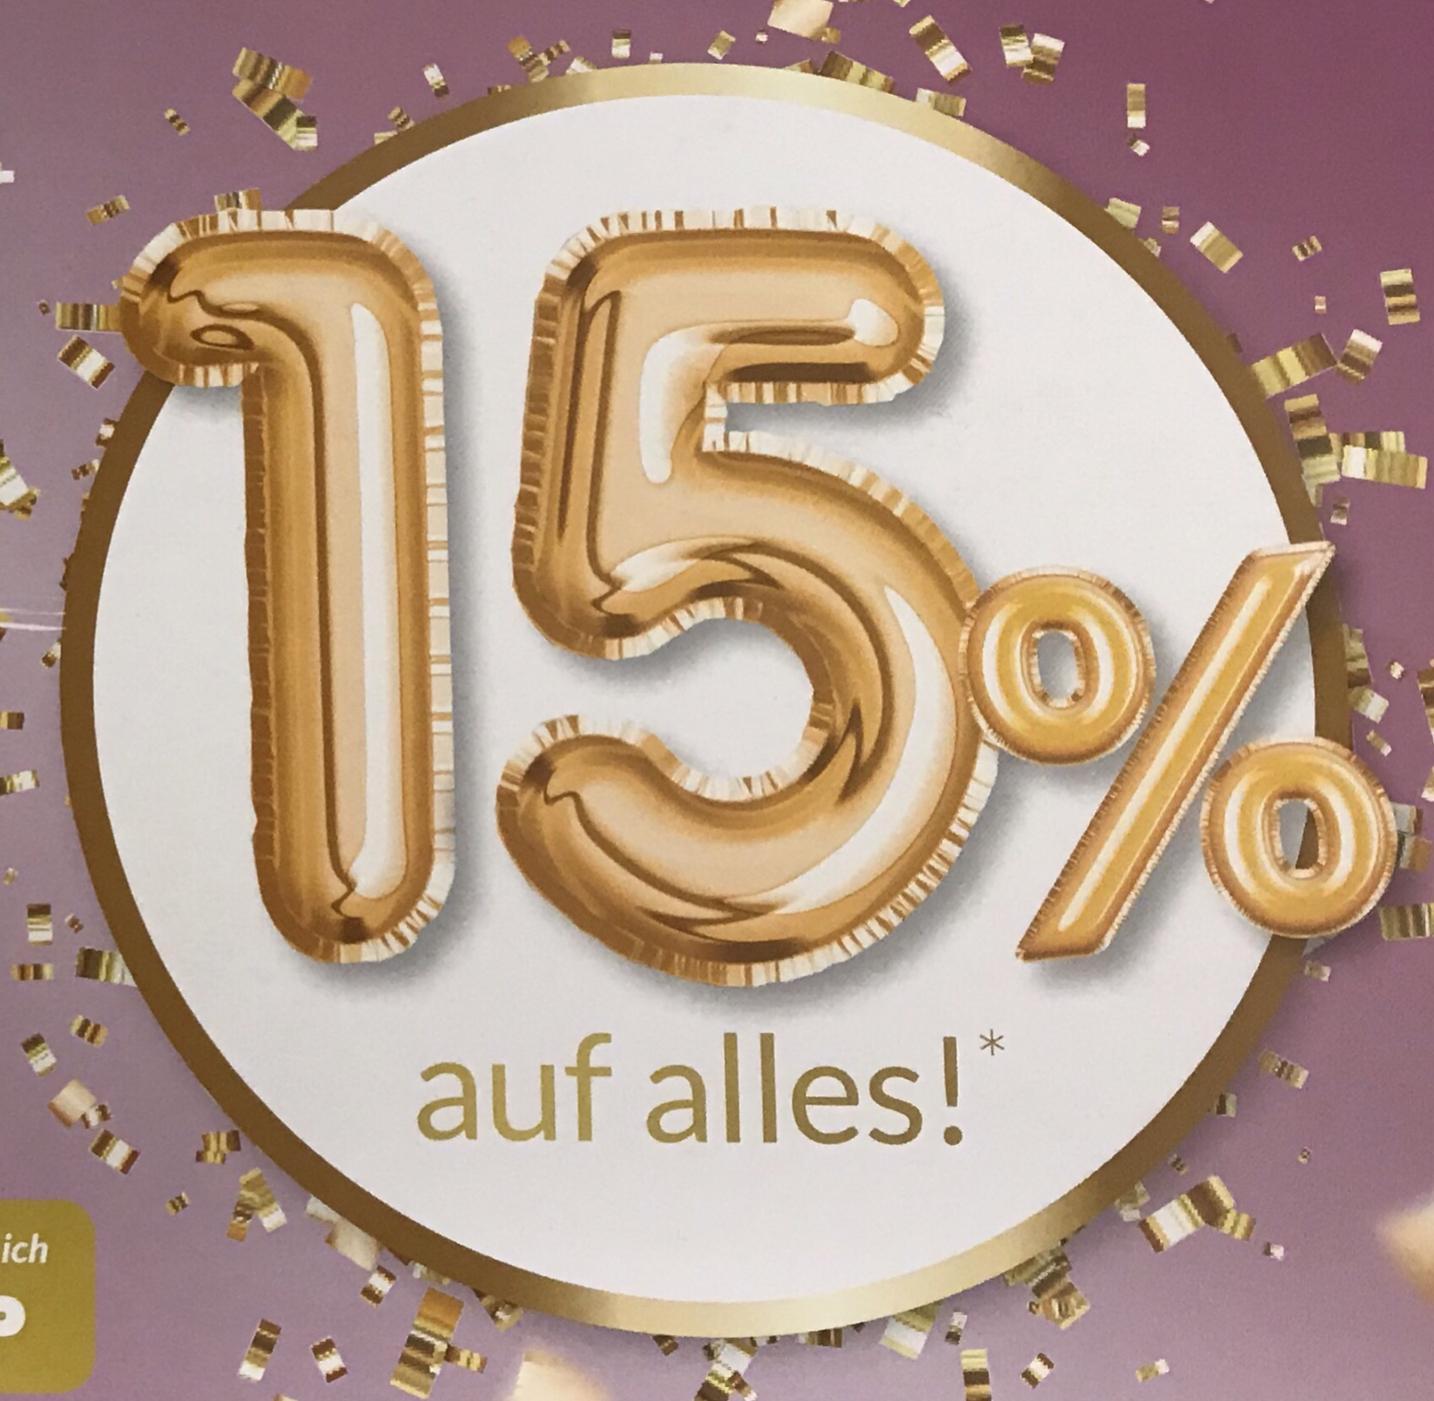 15% auf ALLES bei Schwab (leider nicht für alle) z.B. Apple Airpods 2 für 148,25€ o. OnePlus 7 128GB für 472,10€